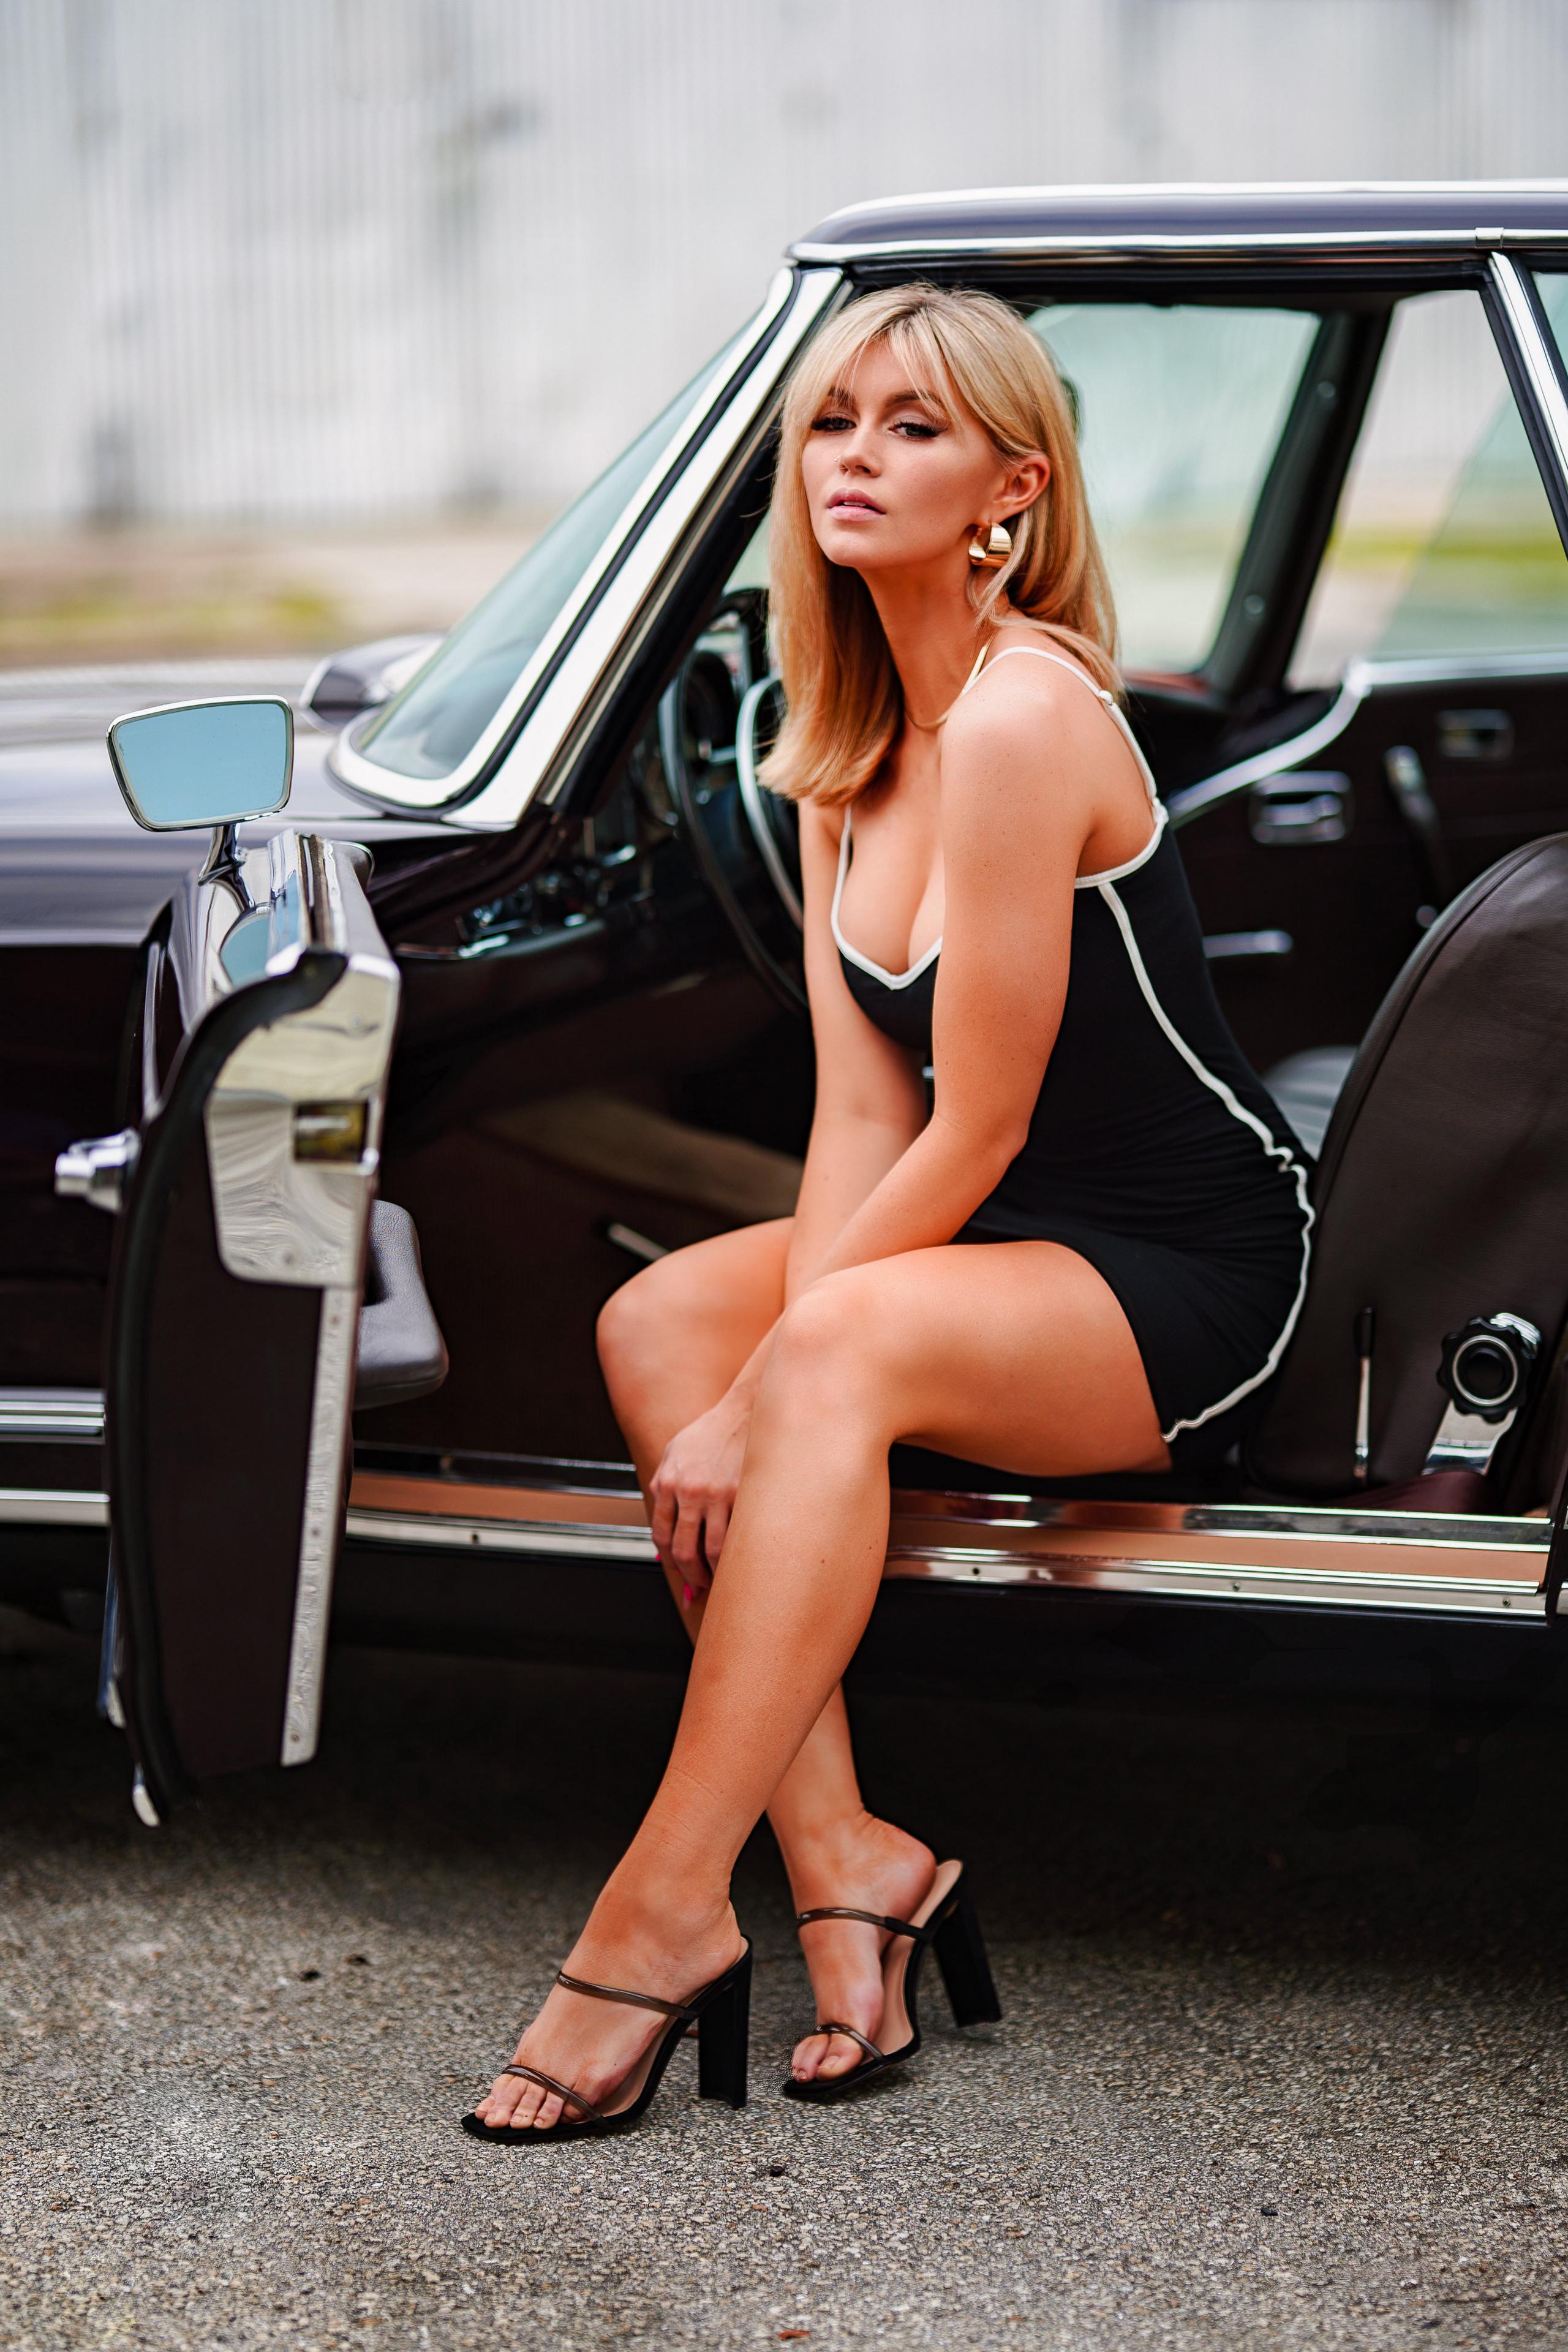 2560x3840 Marina Rubio Nia Sentado Vestido Pierna Contacto visual autos, automóvil, automóviles, el carro, mujer joven, mujeres jóvenes, sentada Chicas Coches para móvil Teléfono